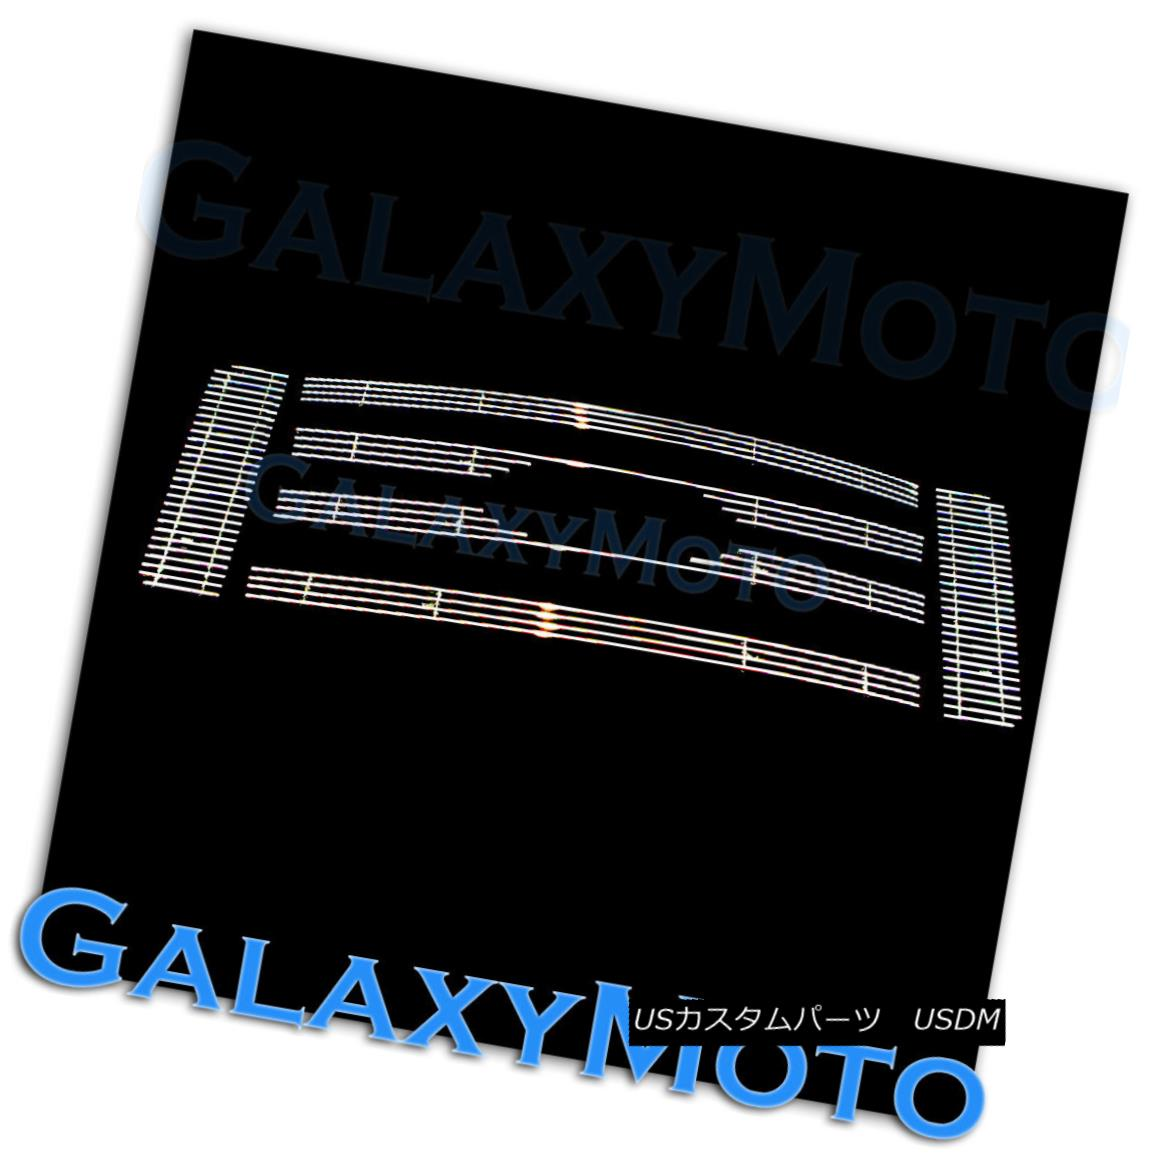 グリル 09-12 Ford F150 XL+XLT+SXT Polished Aluminum Chrome 6pcs Billet Grille Overlay 09-12フォードF150 XL + XLT + SXTポリッシュアルミニウムクローム6本ビレットグリルオーバーレイ